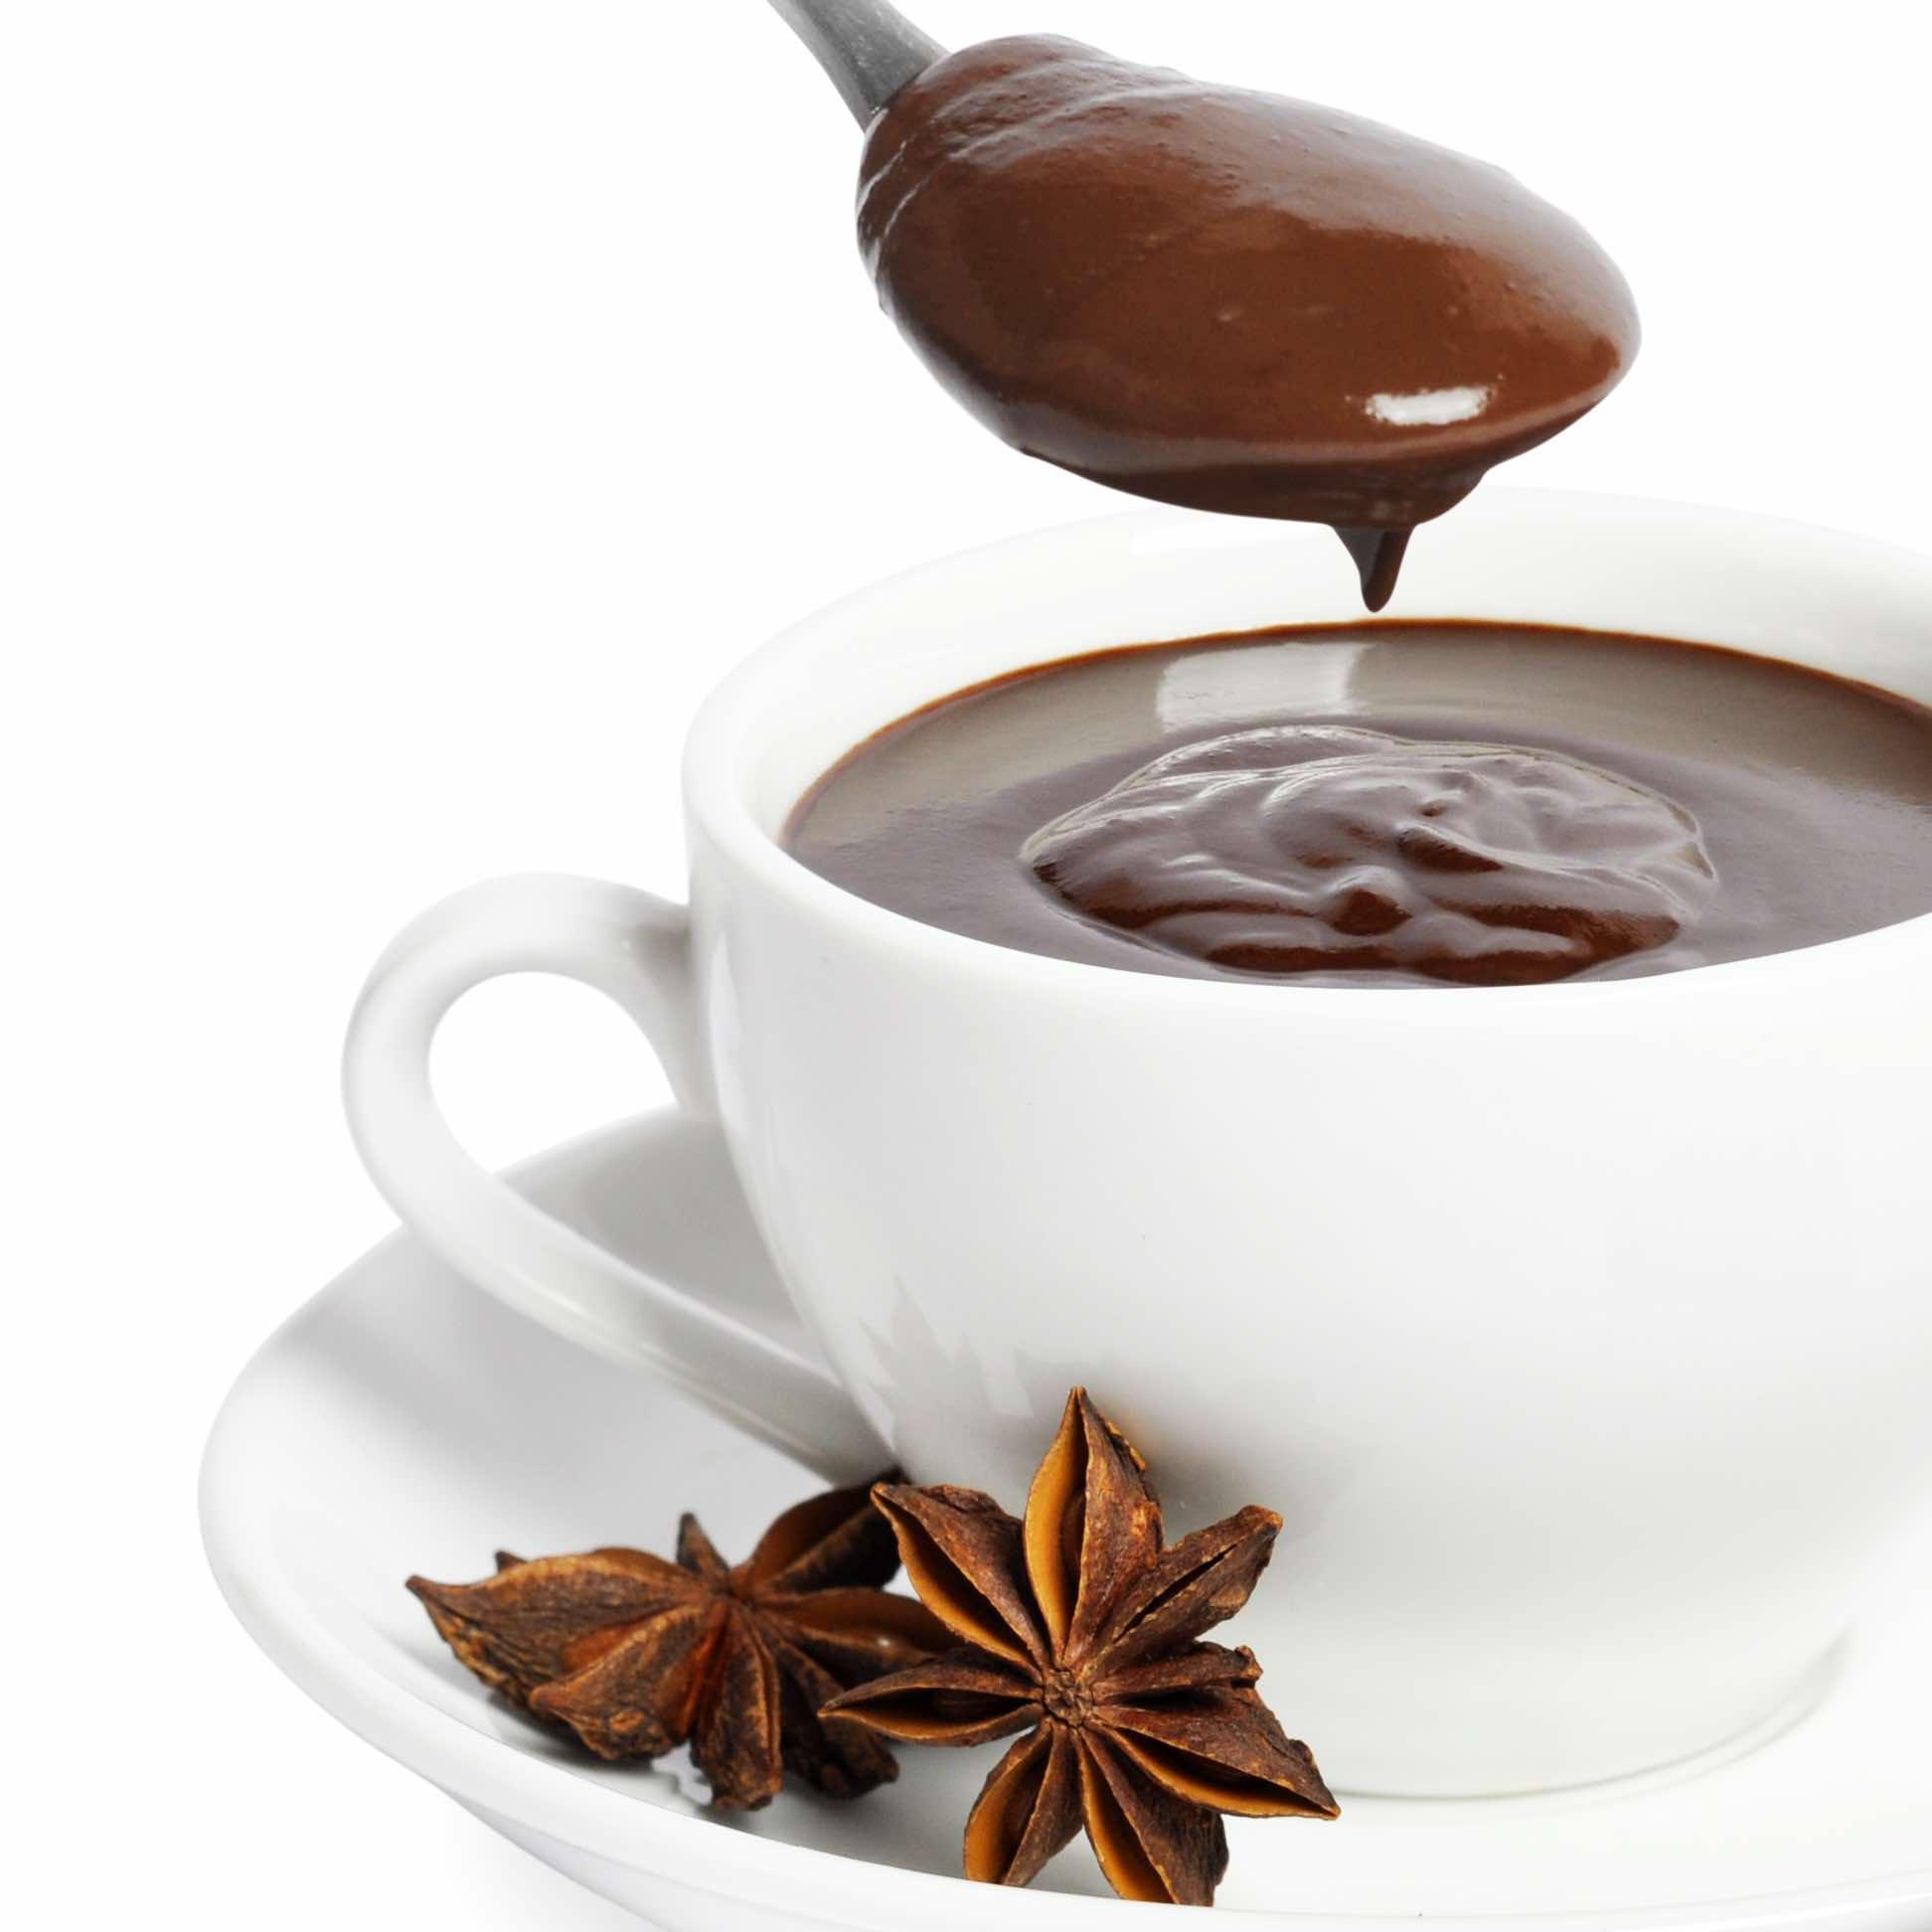 Maquinas De Cafe Te Y Chocolate En Capsulas